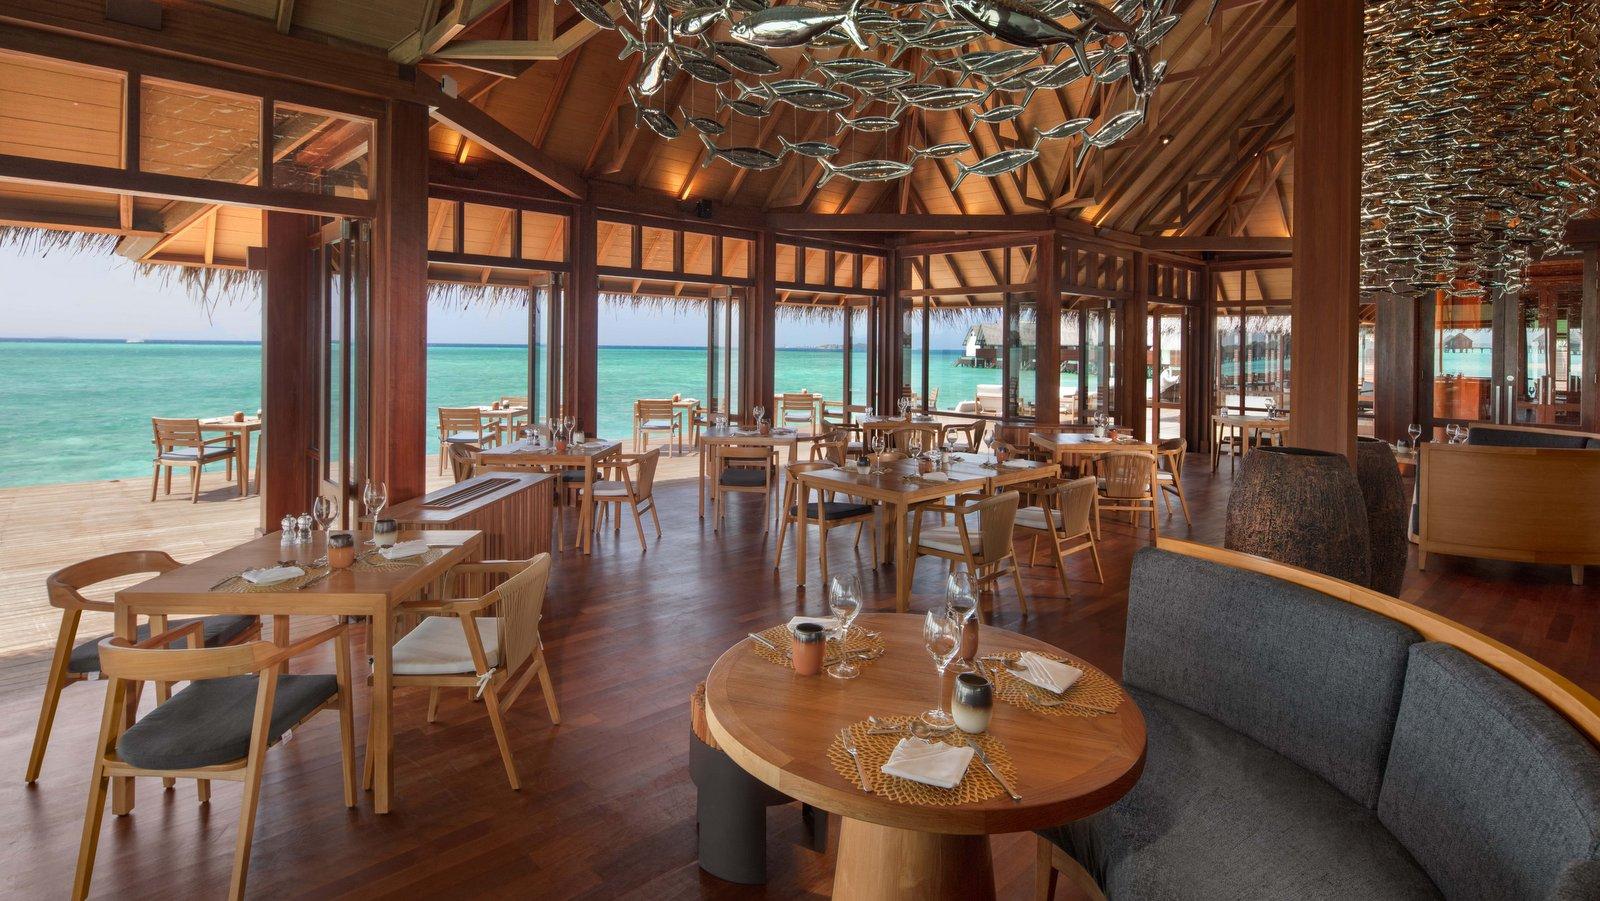 Мальдивы, отель Heritance Aarah, Baani & Falhu Bar